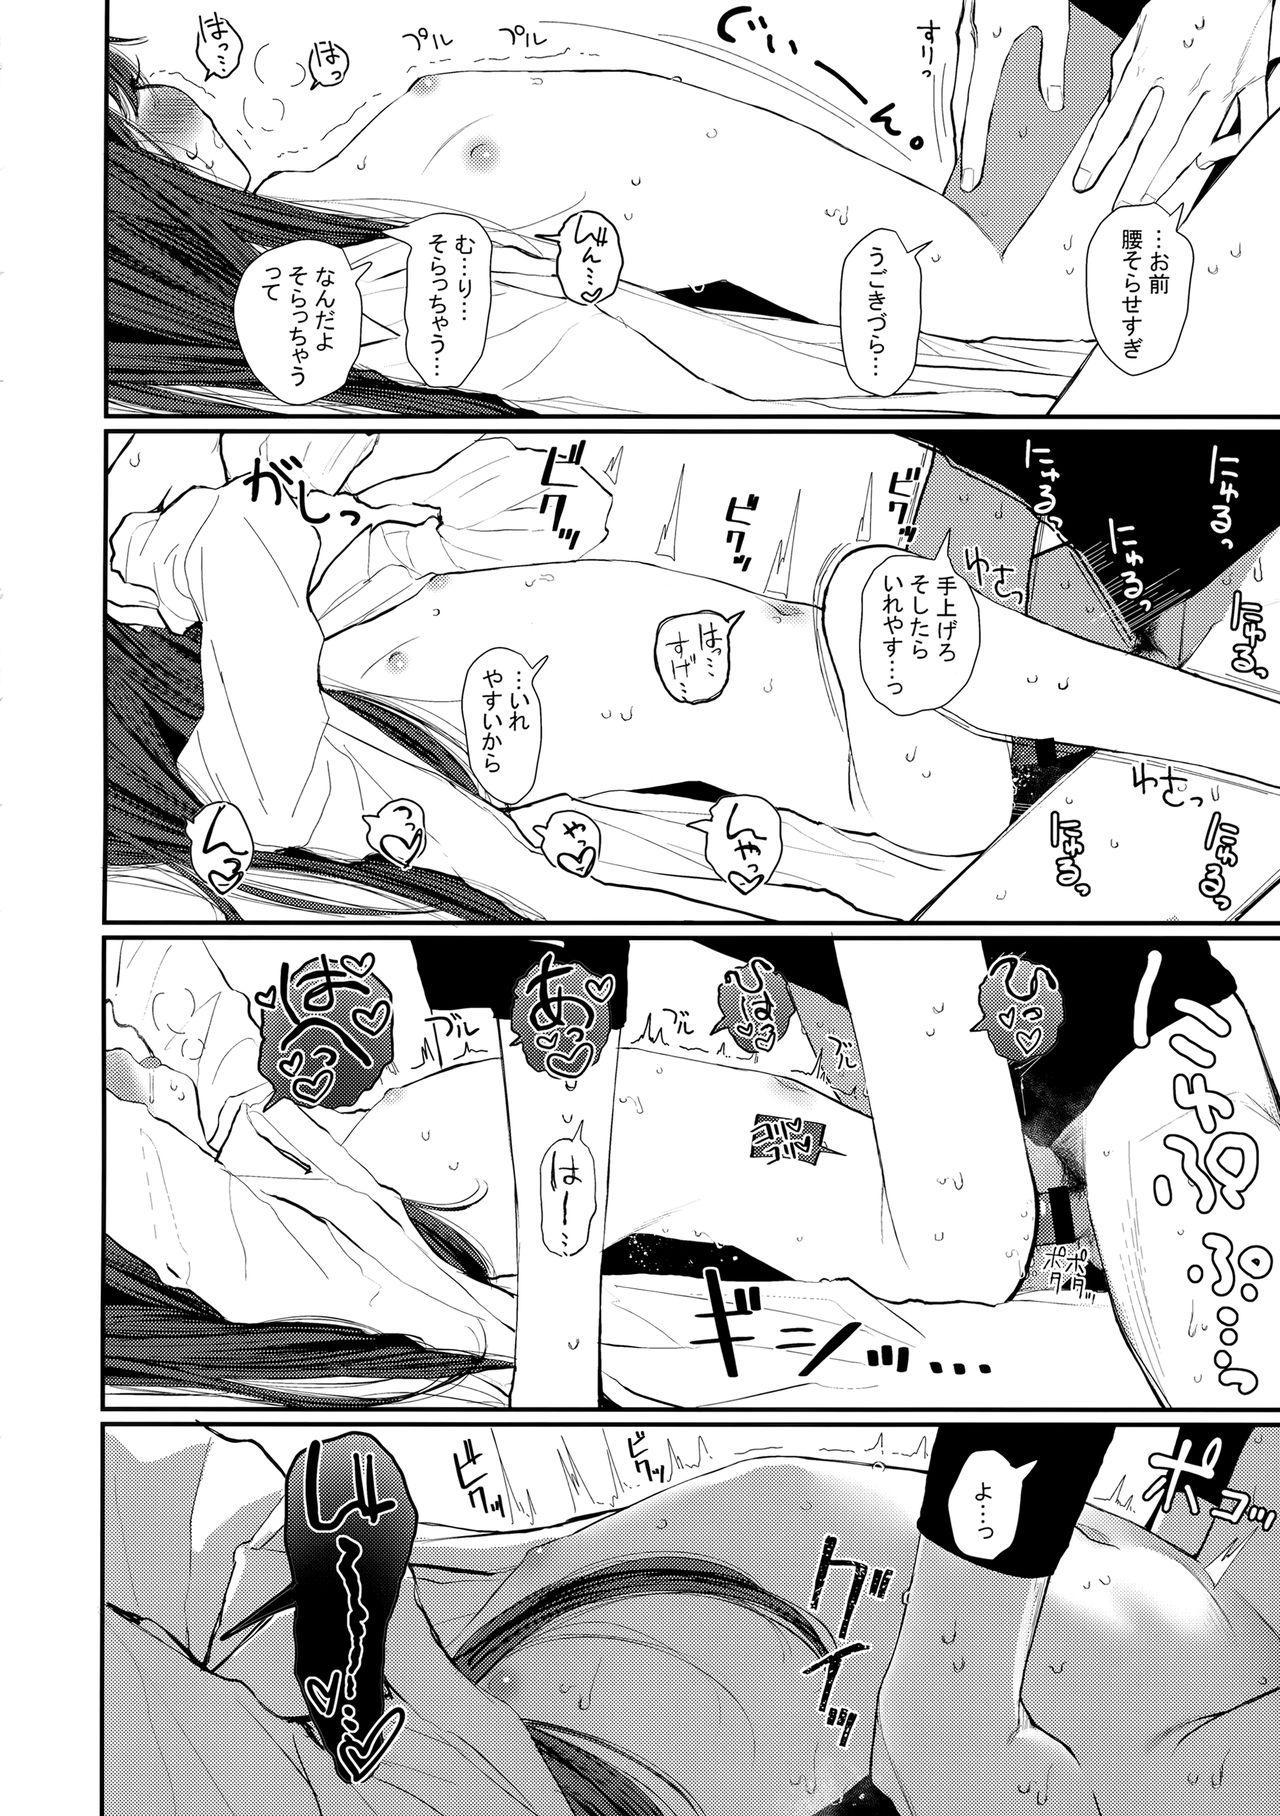 Nitamonodoosi4.5 LoveHo After Story 13